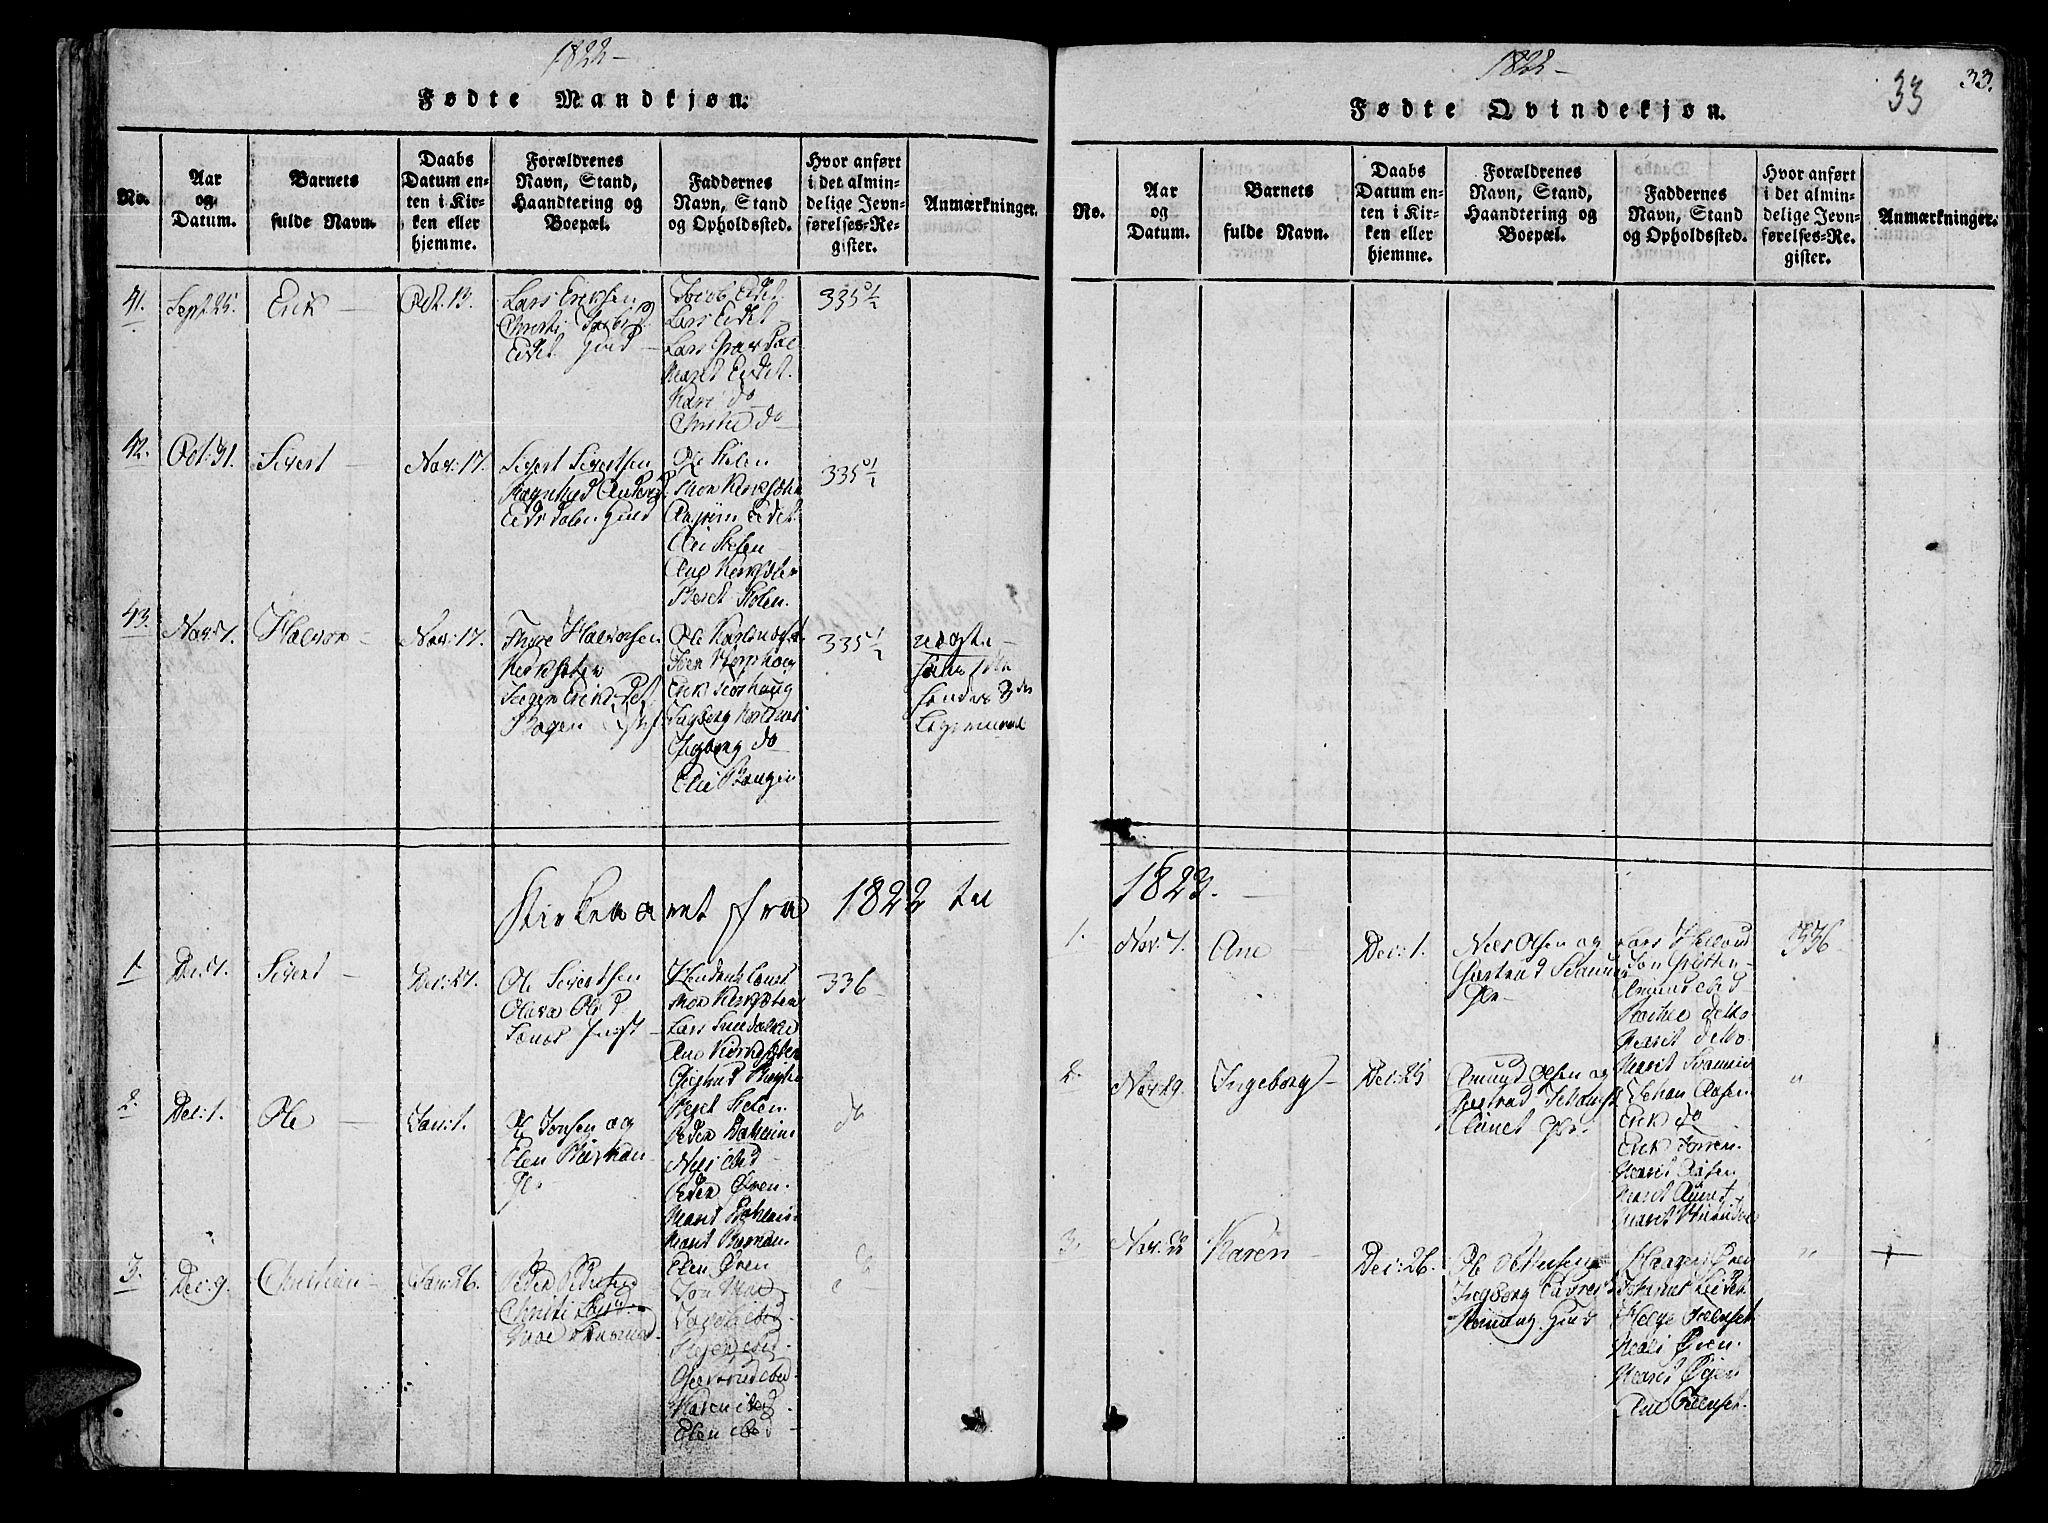 SAT, Ministerialprotokoller, klokkerbøker og fødselsregistre - Sør-Trøndelag, 630/L0491: Ministerialbok nr. 630A04, 1818-1830, s. 33